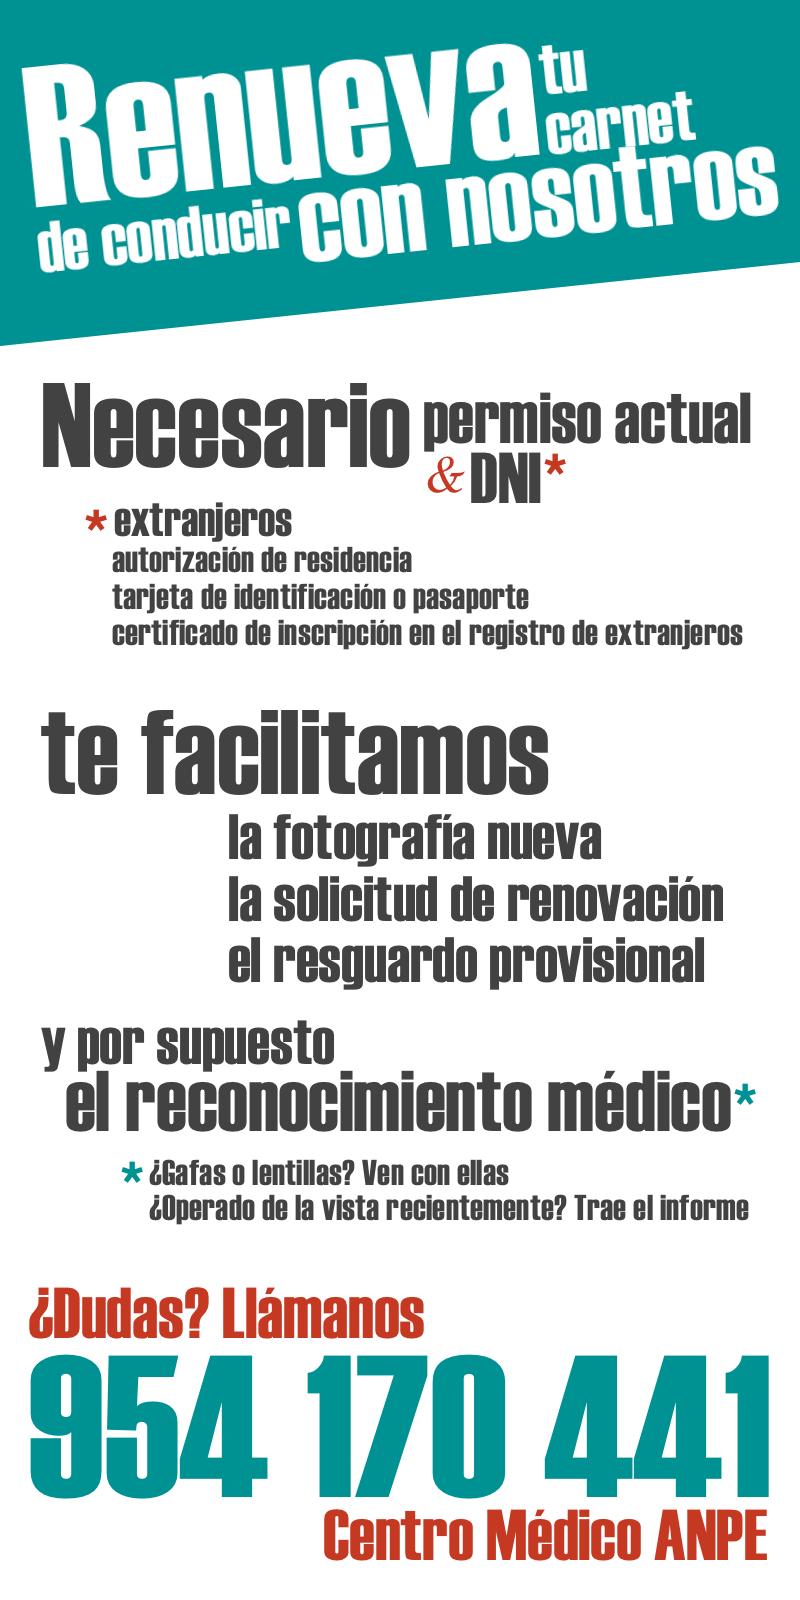 Infografía para conocer los pasos necesarios para renovar el permiso de conducir en un centro médico